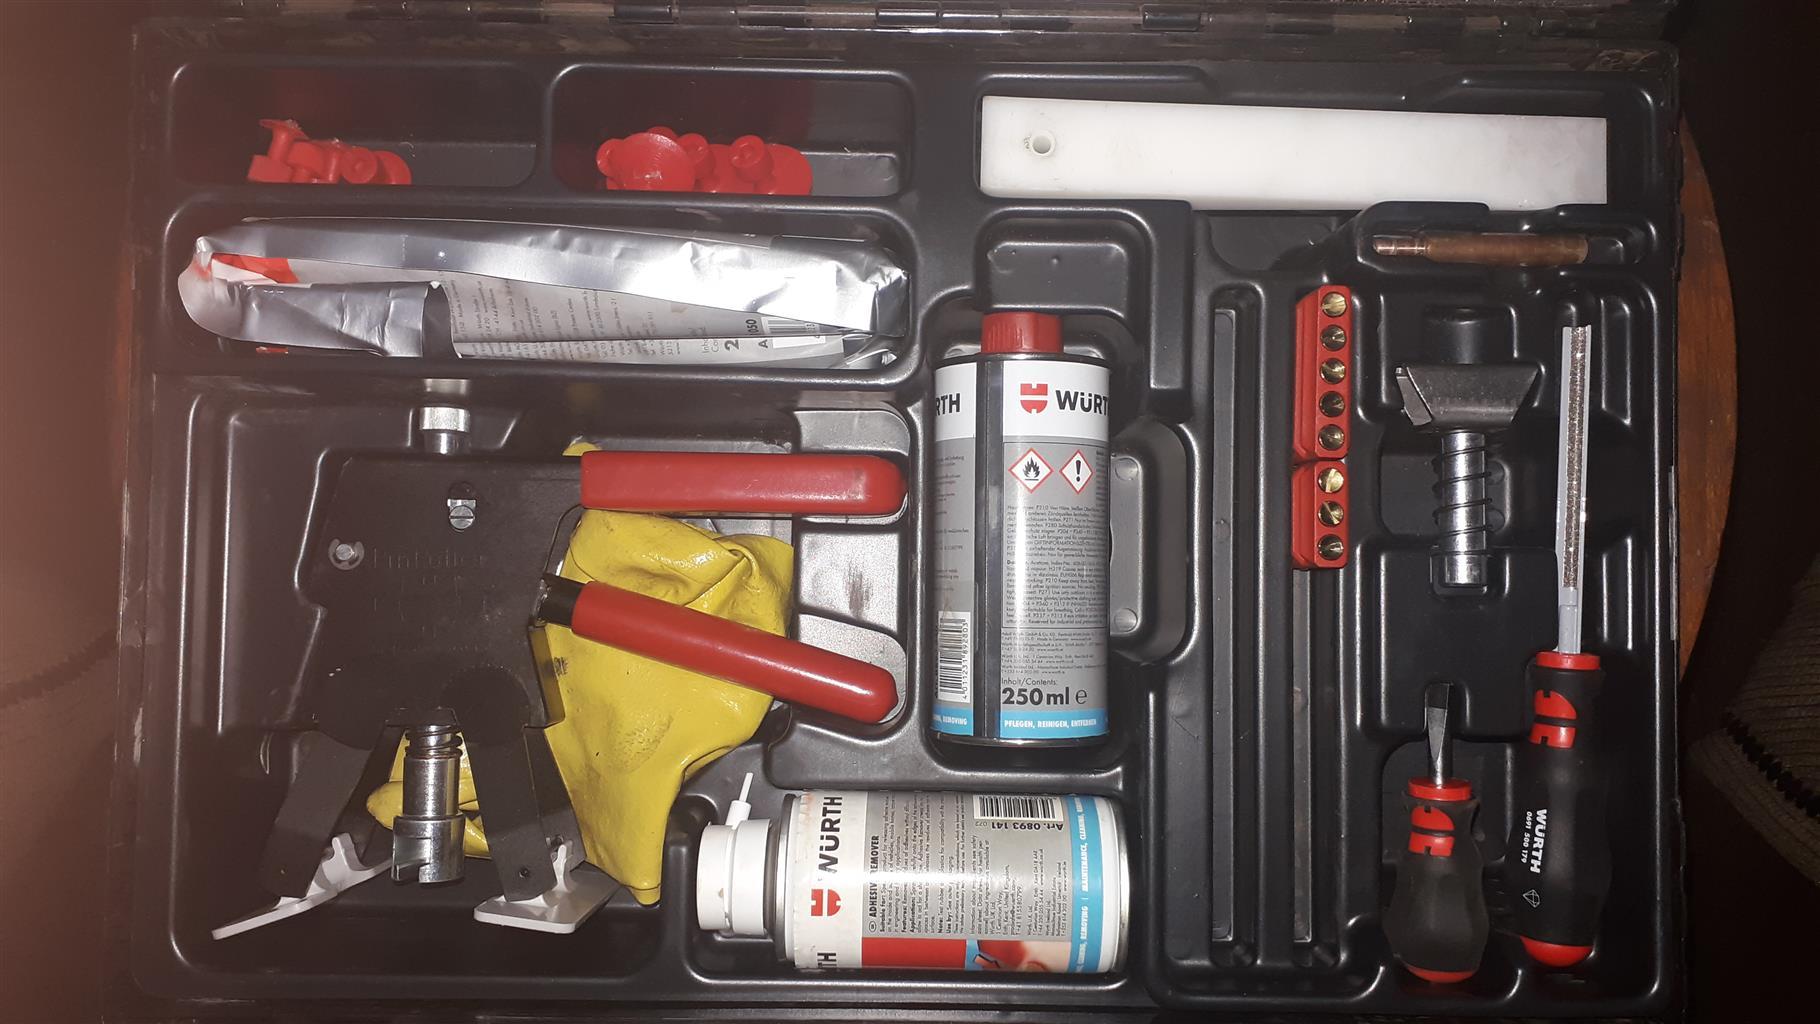 Wurth dent repair kit